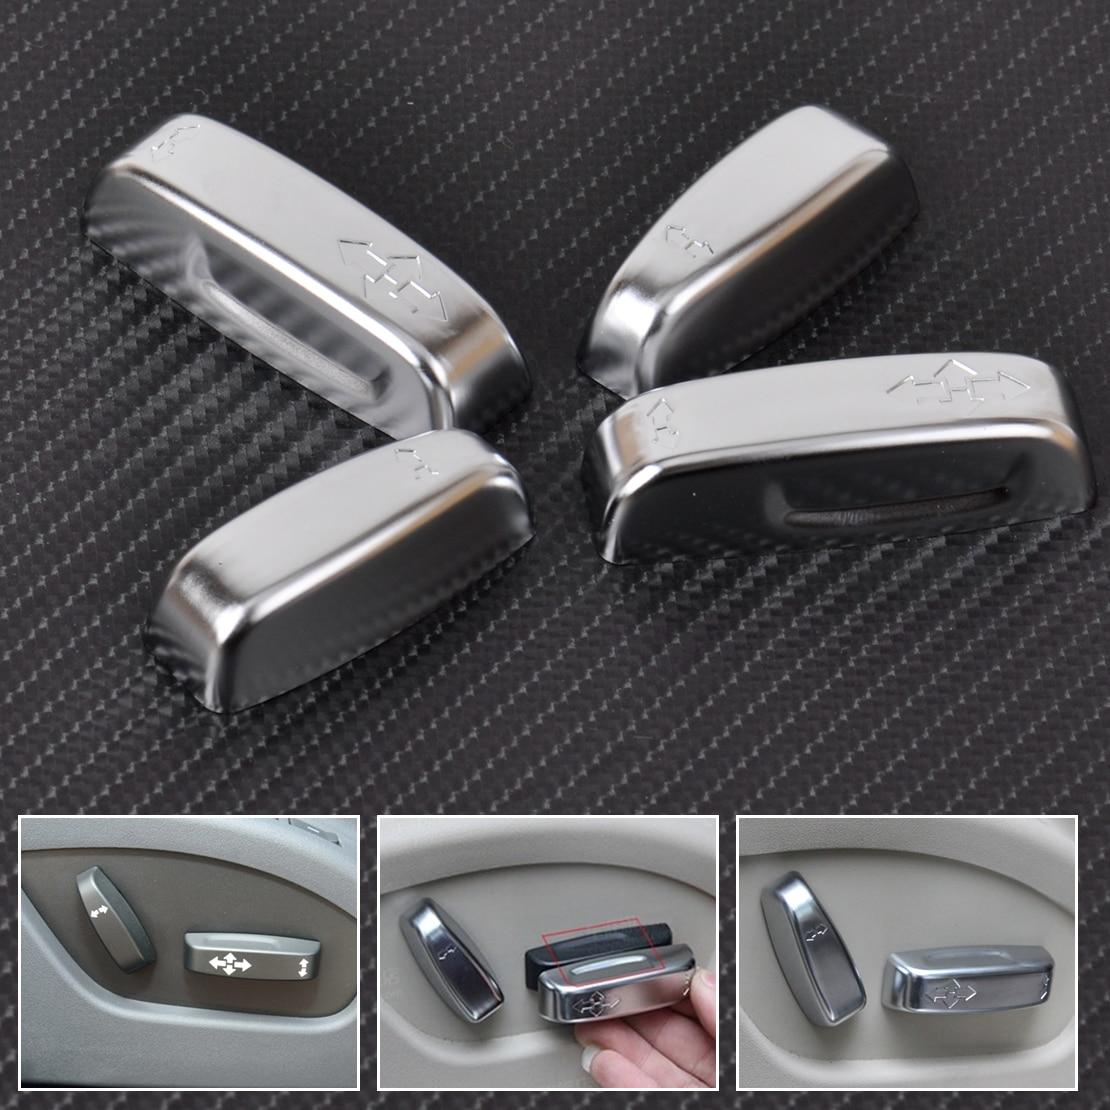 Beler 4 piezas nuevo cromo Interior interruptor de ajuste del asiento botón Botón cubierta Trim para Volvo XC60 XC70 V40 V60 S40 s60 C30 C70